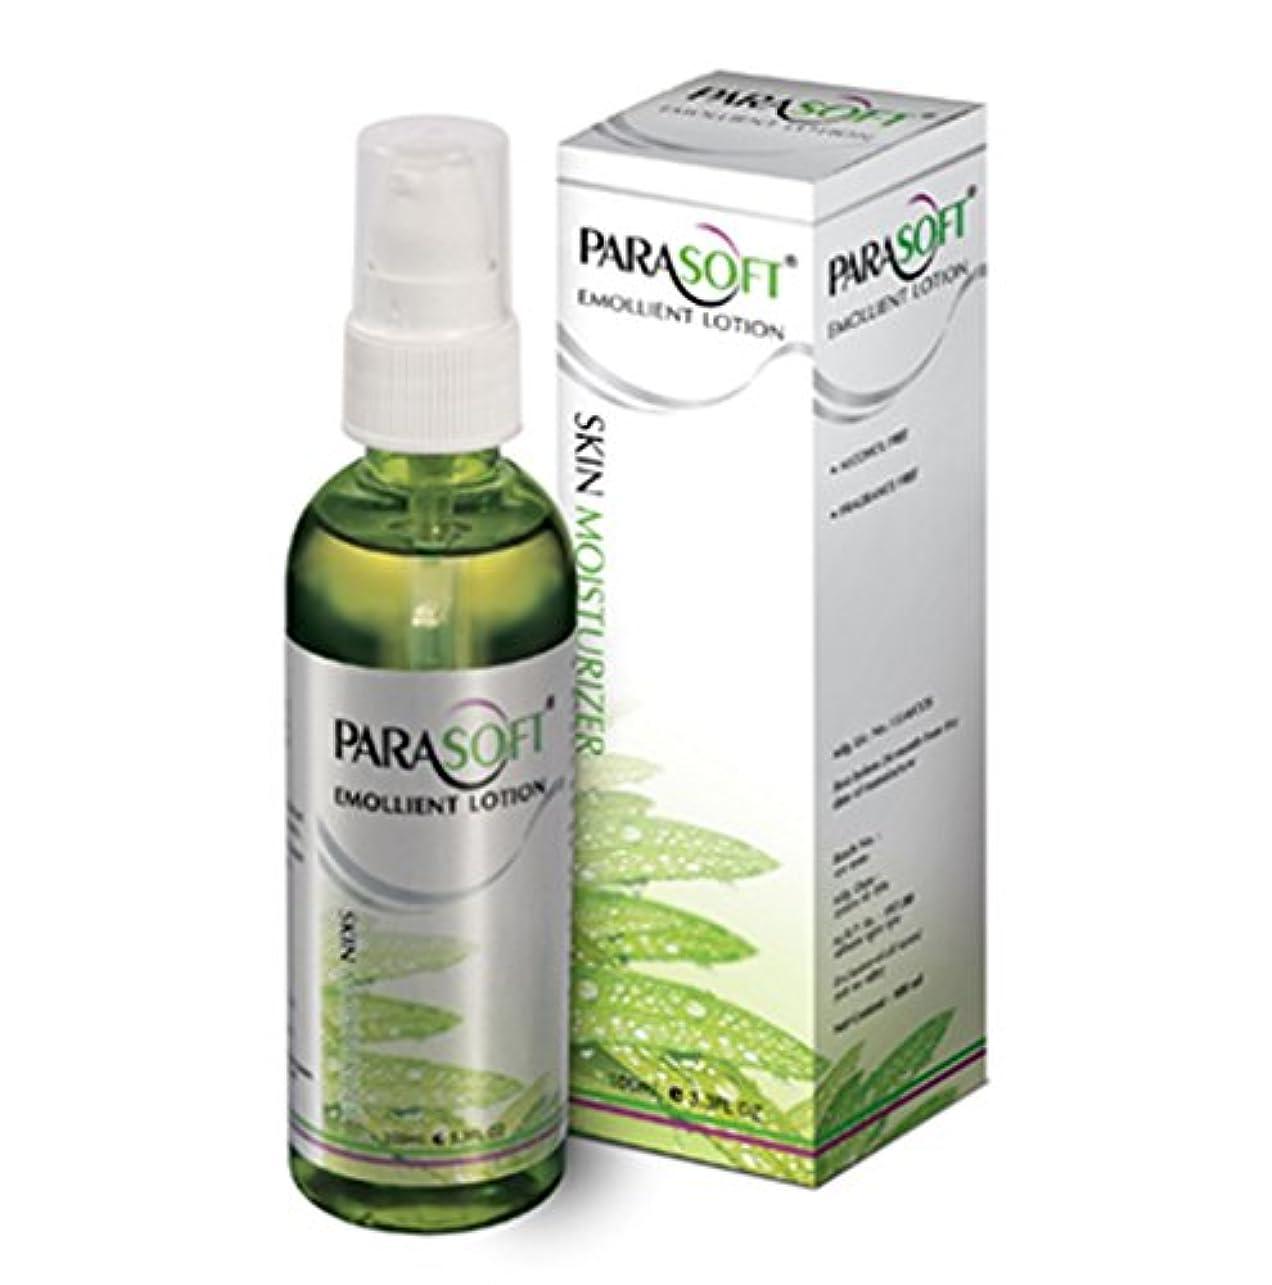 熱帯の地平線石炭Paraffin Lotion Grapeseed, Jojoba, Aloevera, Avocado, Olive Oil Dry Skin 100ml